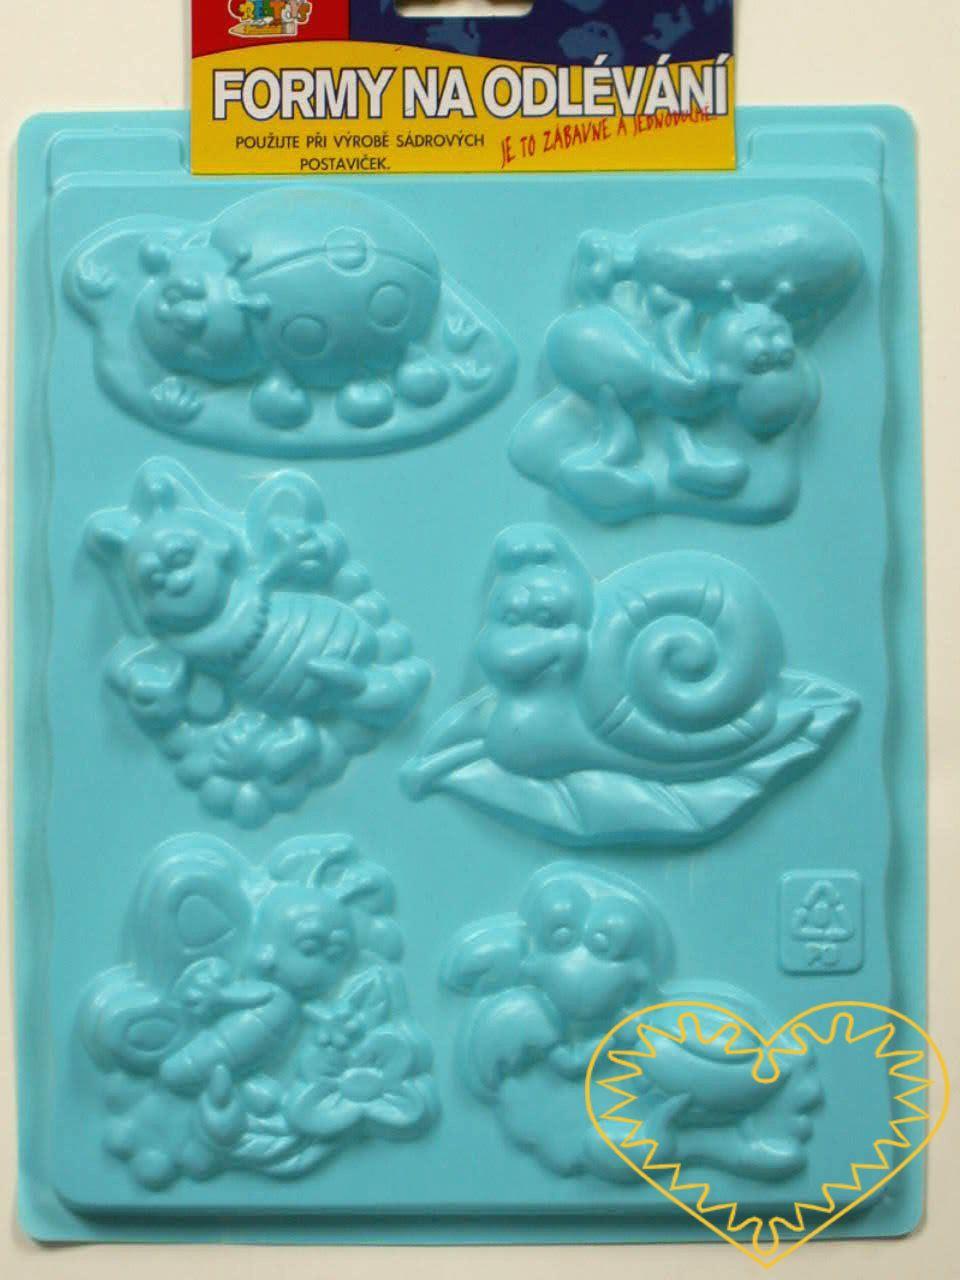 Plastová forma - hmyz - se šesti motivy, vhodná na odlévání ze sádry, na vytlačování modelovacích hmot apod. Motivy: beruška, mravenec, brouci, hlemýžď, motýl. Po zaschnutí lze odlitek vybarvit vodovými či akrylovými barvami, popř. nalakovat. Prima z